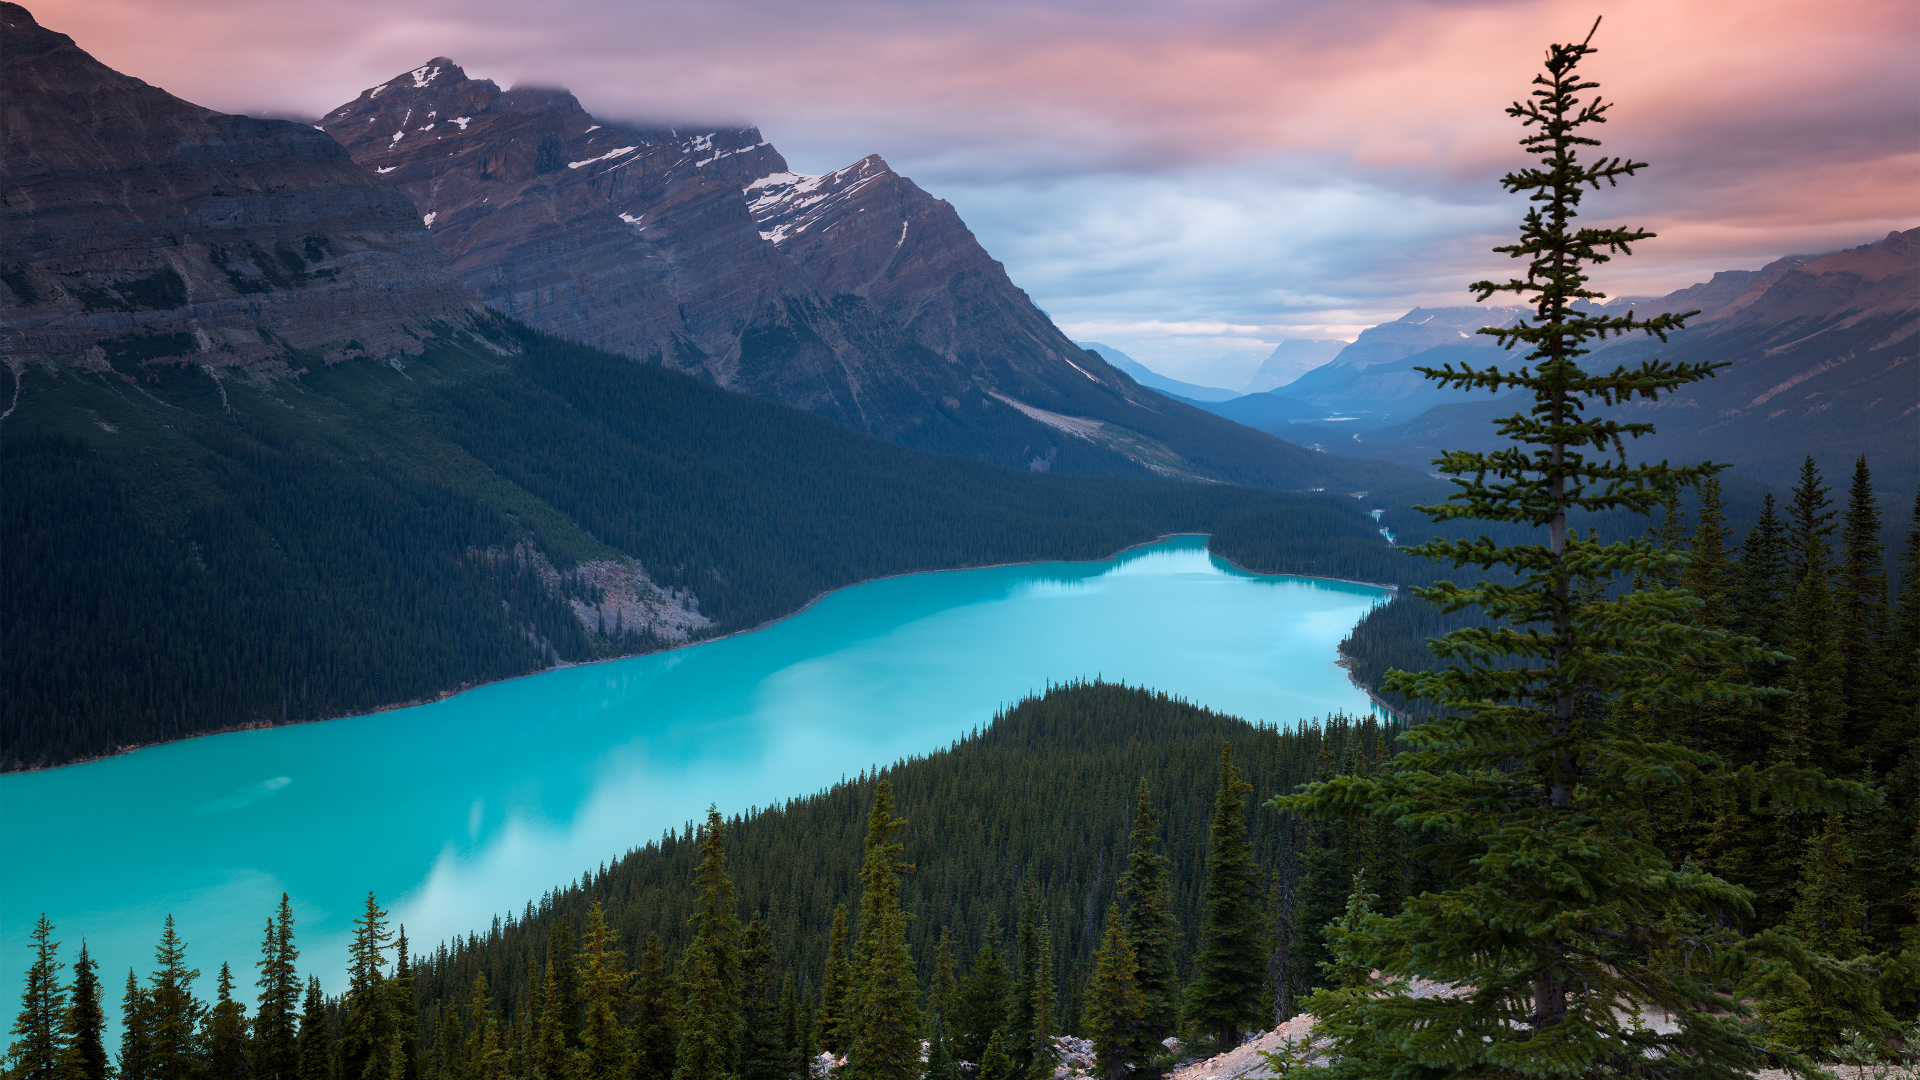 4k Hd Wallapaper: Peyto Lake Canada Mountains, HD 4K Wallpaper